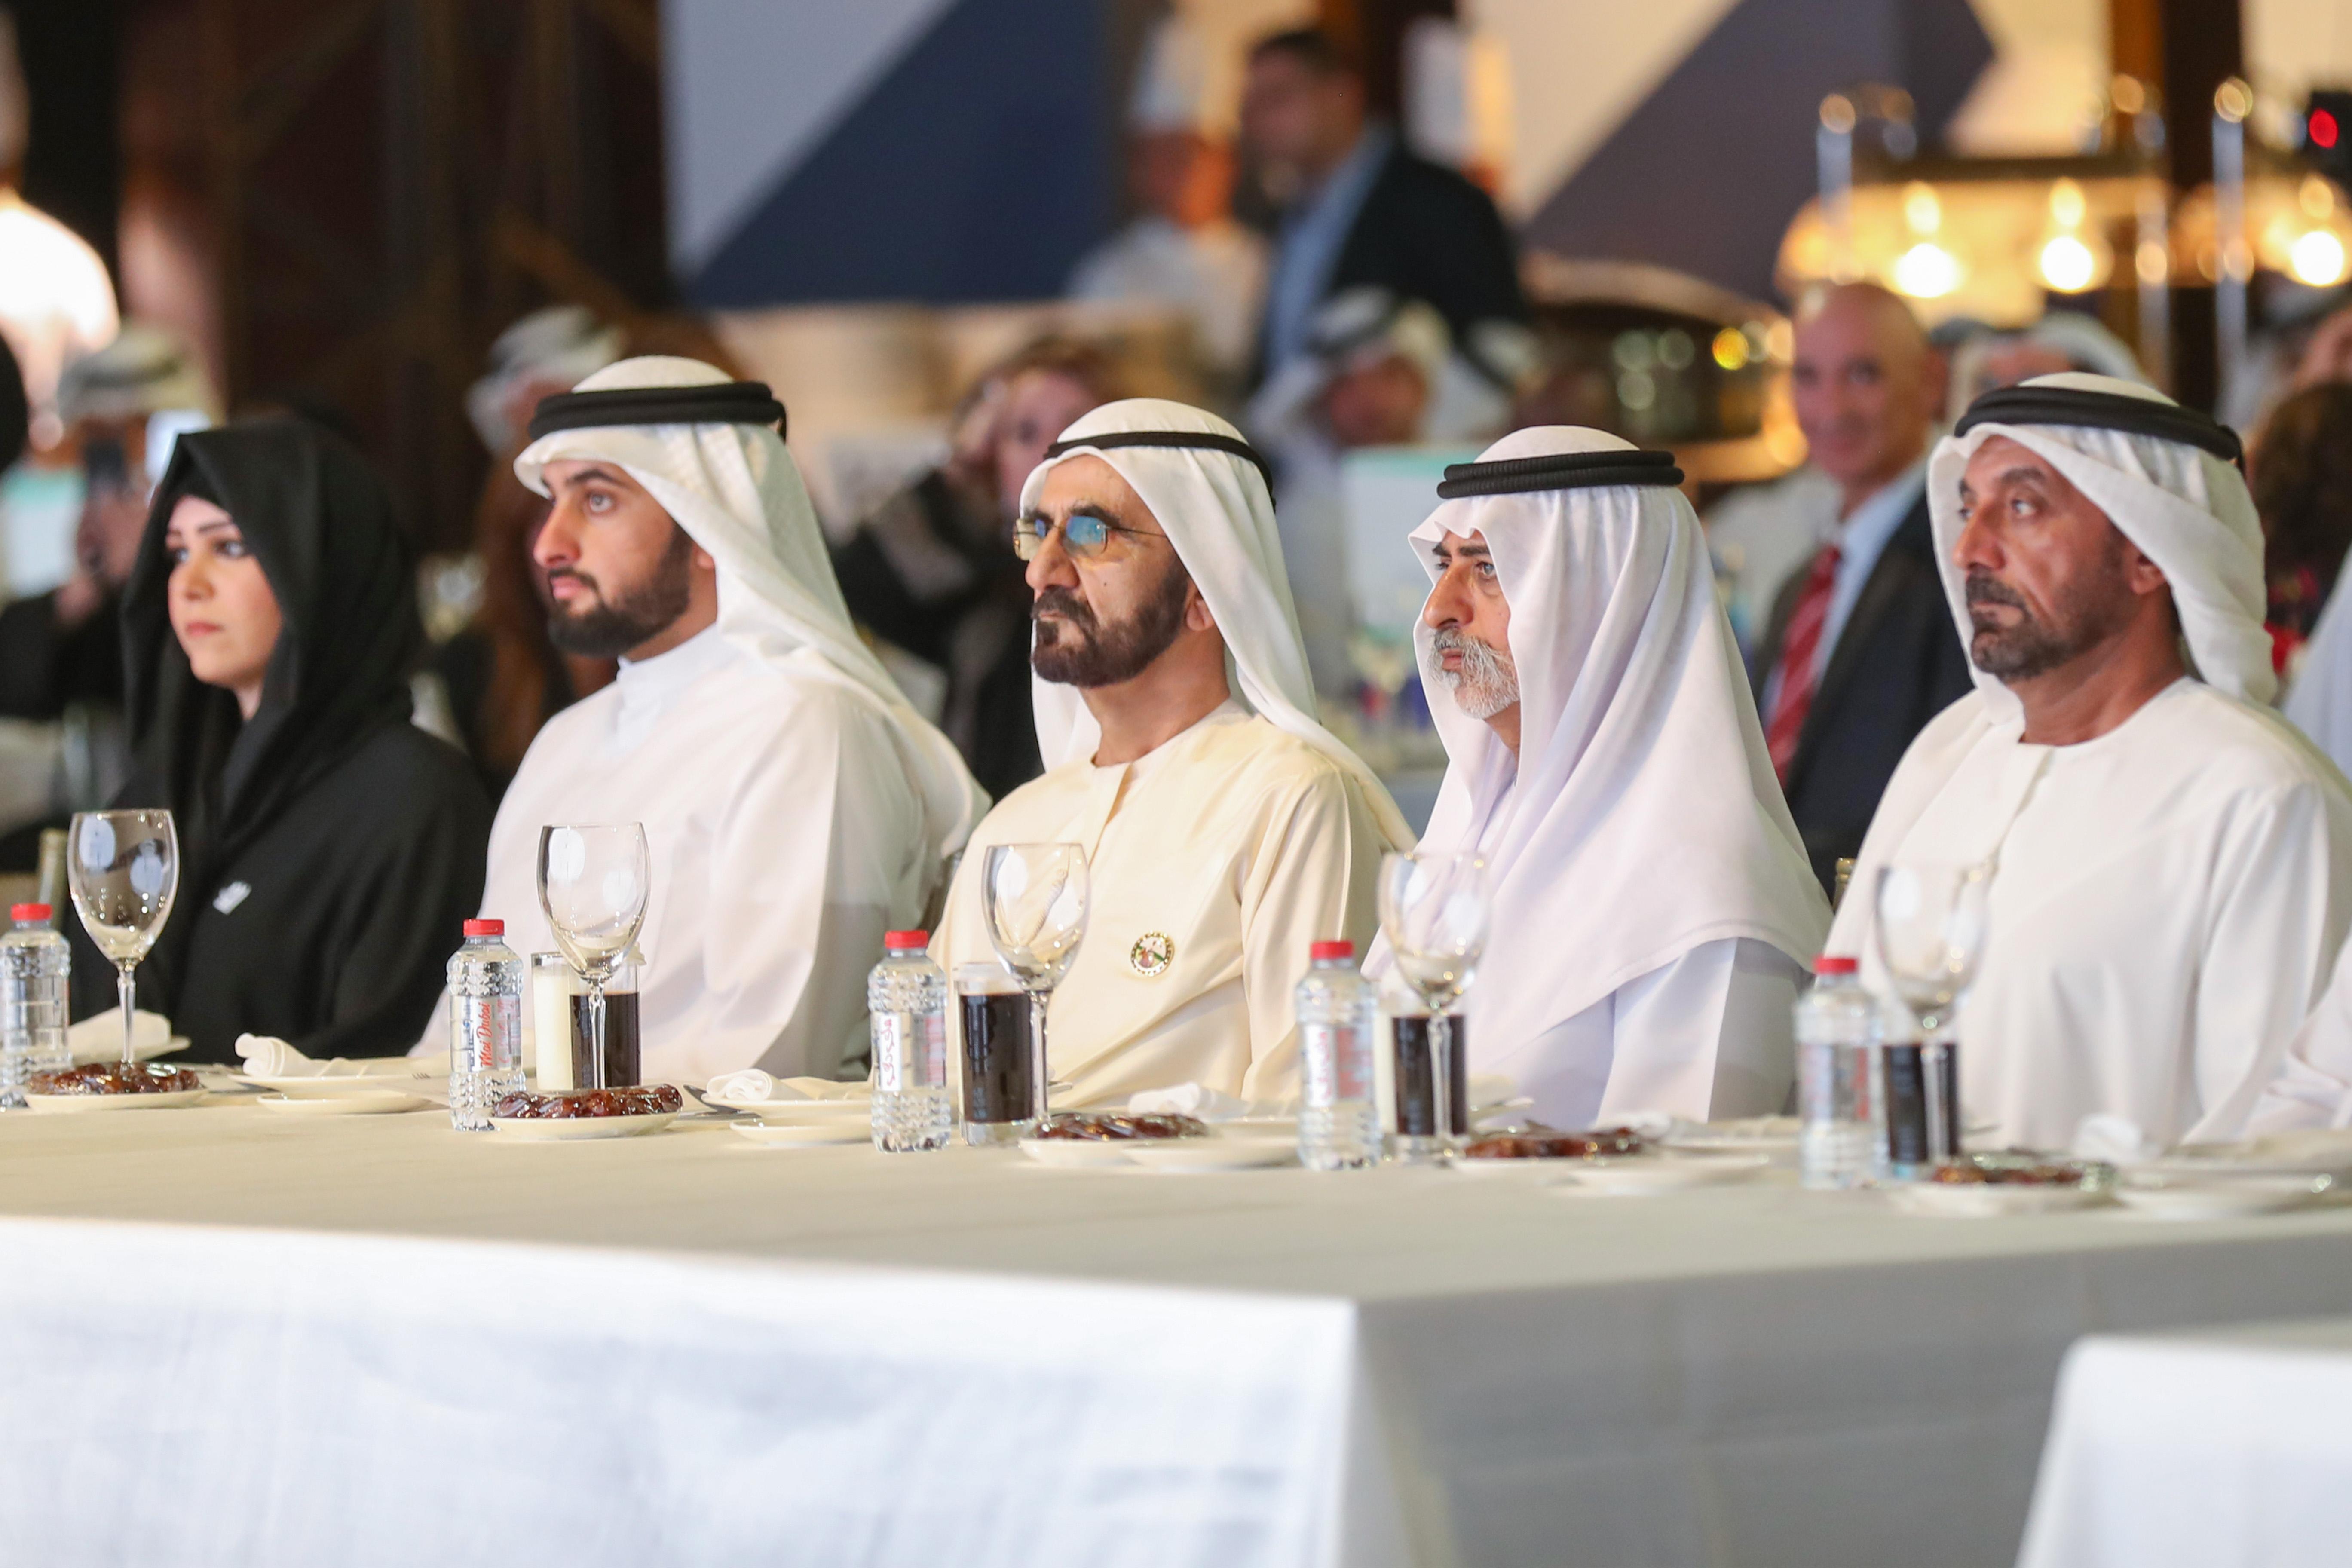 نائب رئيس الدولة يترأس اجتماع مجلس أمناء مؤسسة مبادرات محمد بن راشد آل مكتوم العالمية ويطلق تقرير الأعمال السنوي